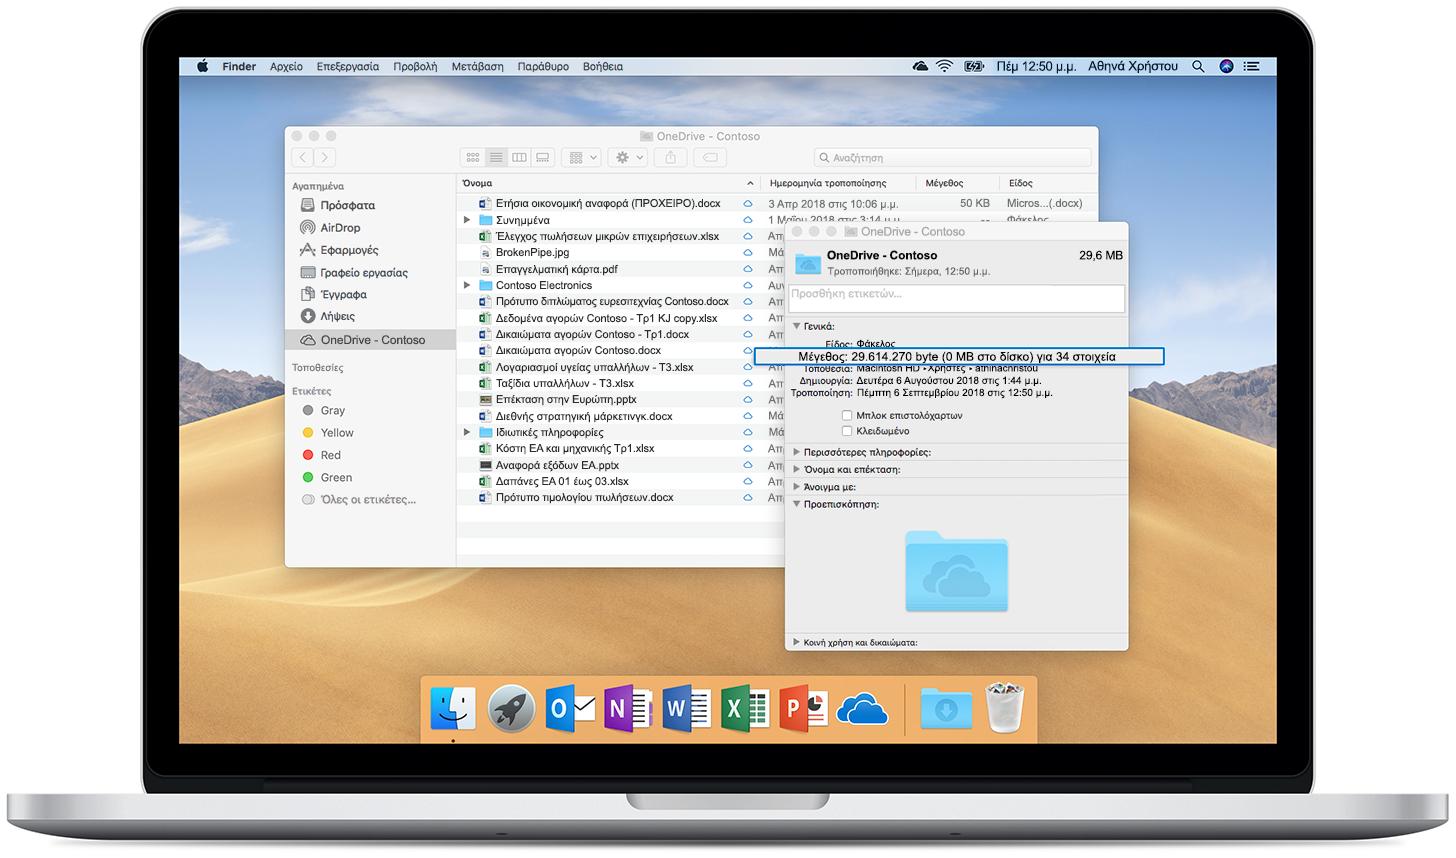 Εικόνα που εμφανίζει τα Αρχεία κατ' απαίτηση του OneDrive σε έναν ανοιχτό Mac.